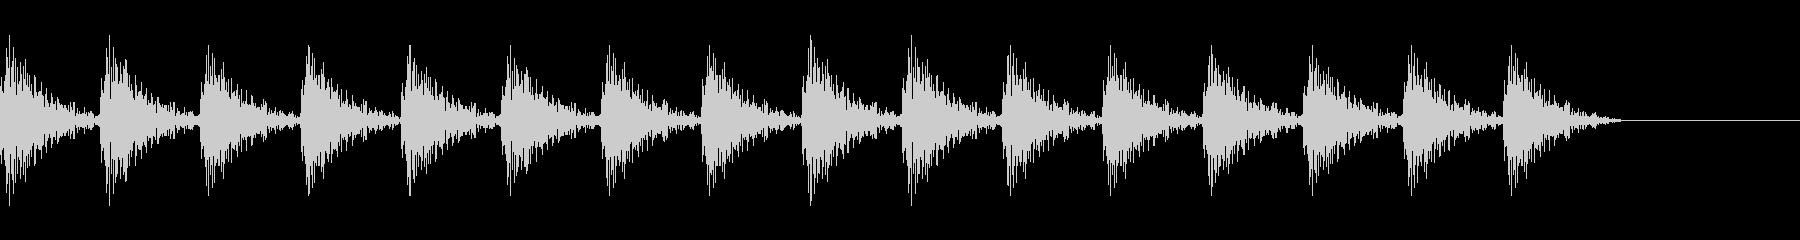 どんどん(巨人、速歩き)A14の未再生の波形